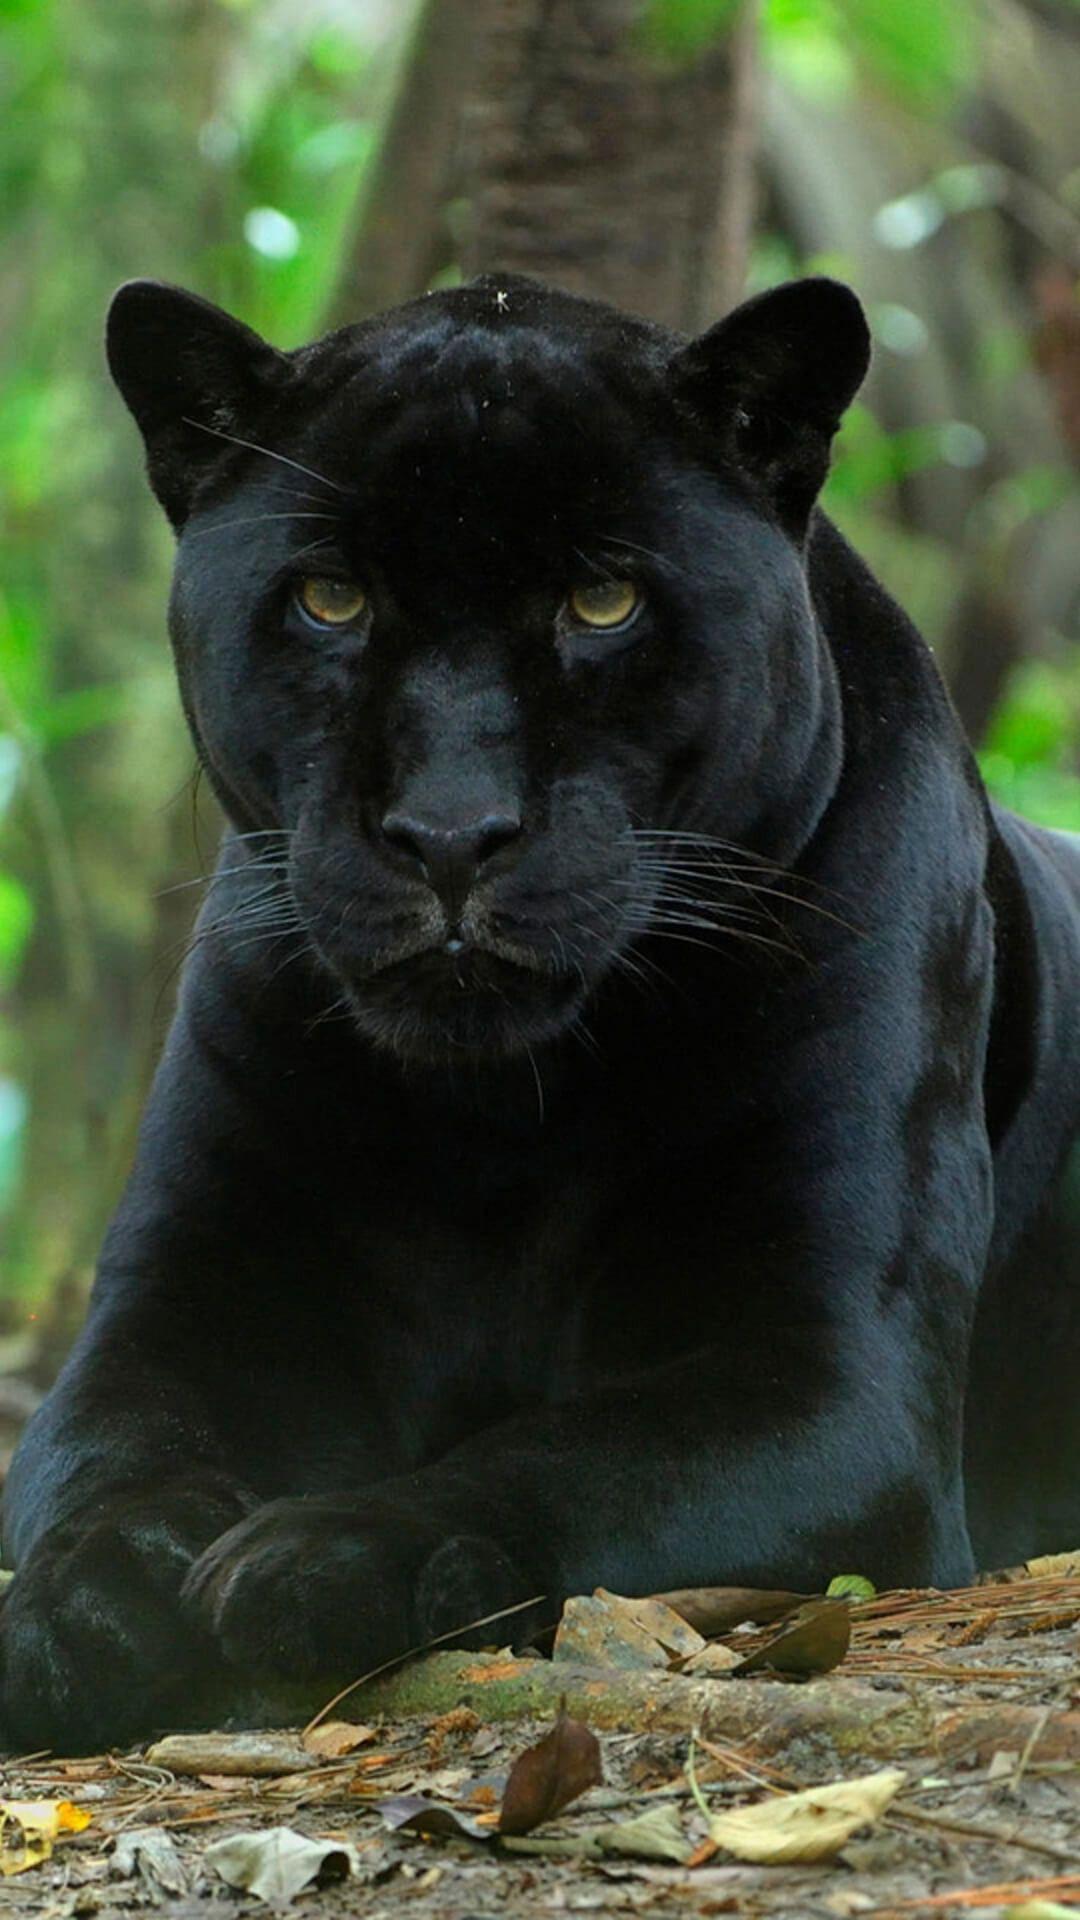 Black Panther Animal Hd Wallpaper Download In 2020 Black Panther Cat Black Jaguar Animal Panther Cat